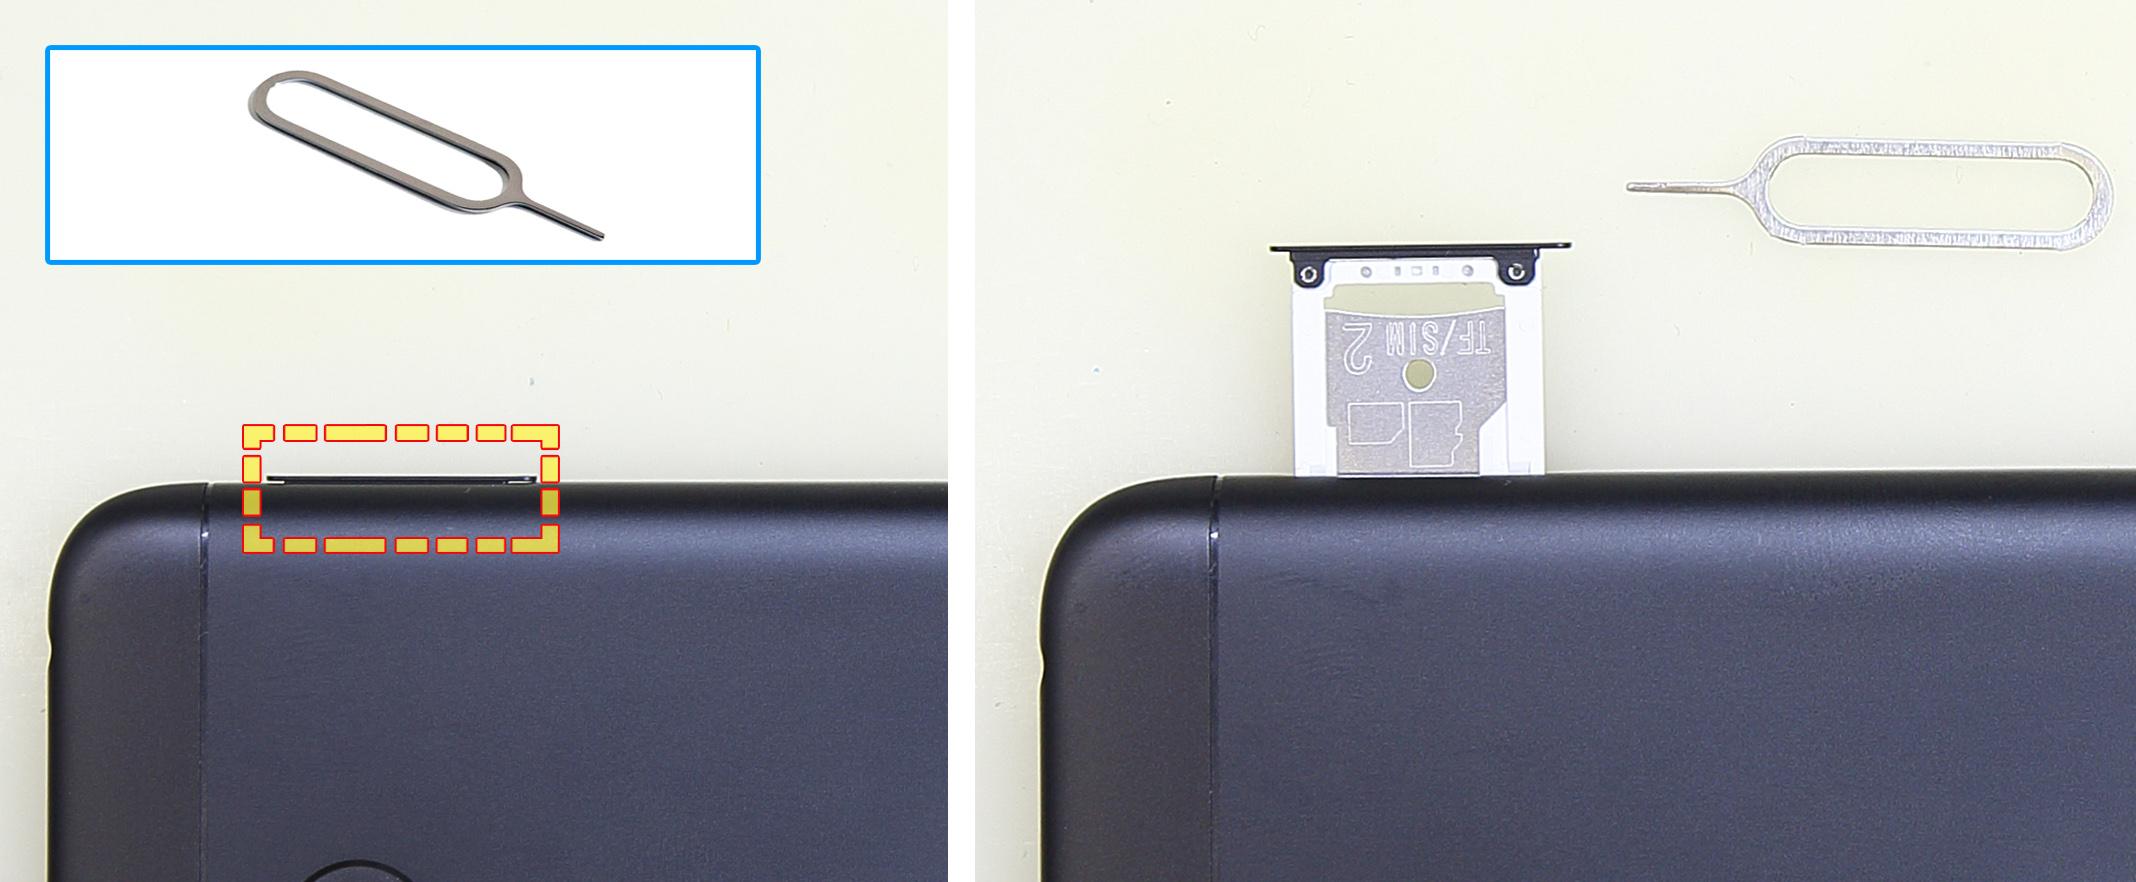 изъять из смартфона Xiaomi RedMi 4x сим-карту и флэш-накопитель